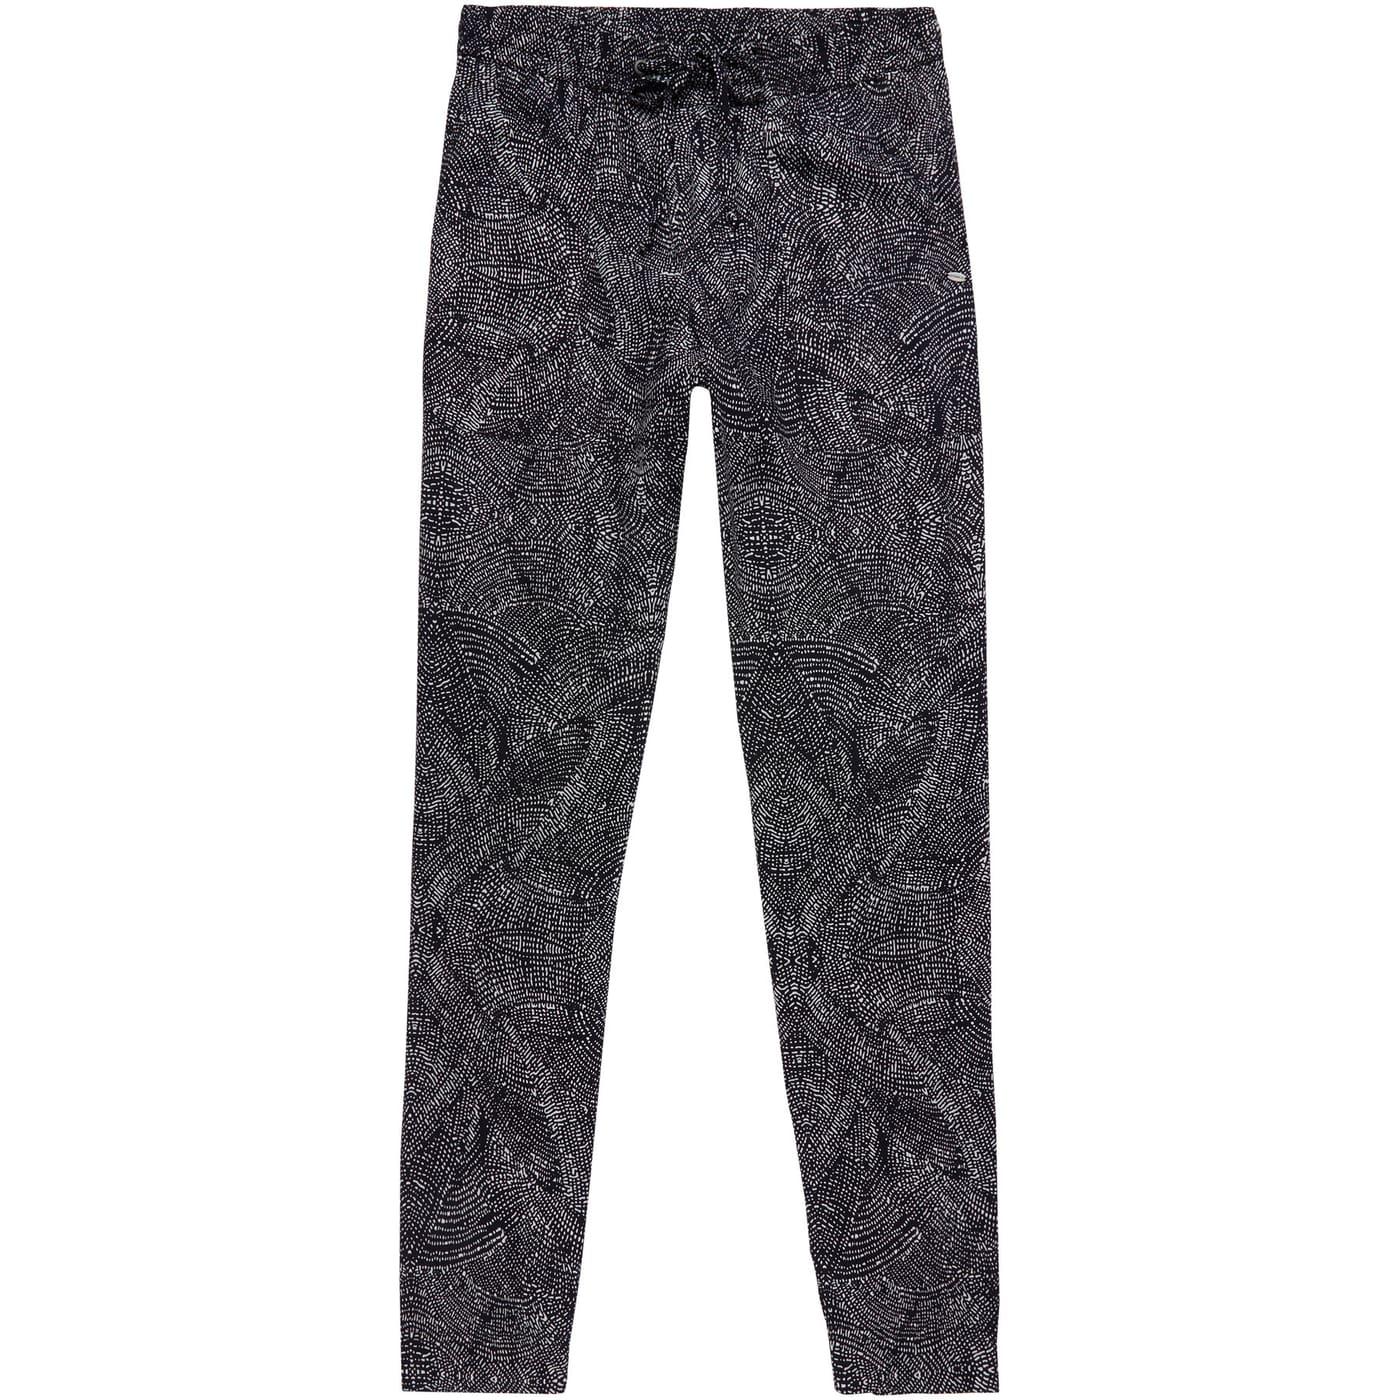 Easy Pants Damen Breezy O'neill Hose j4R5LA